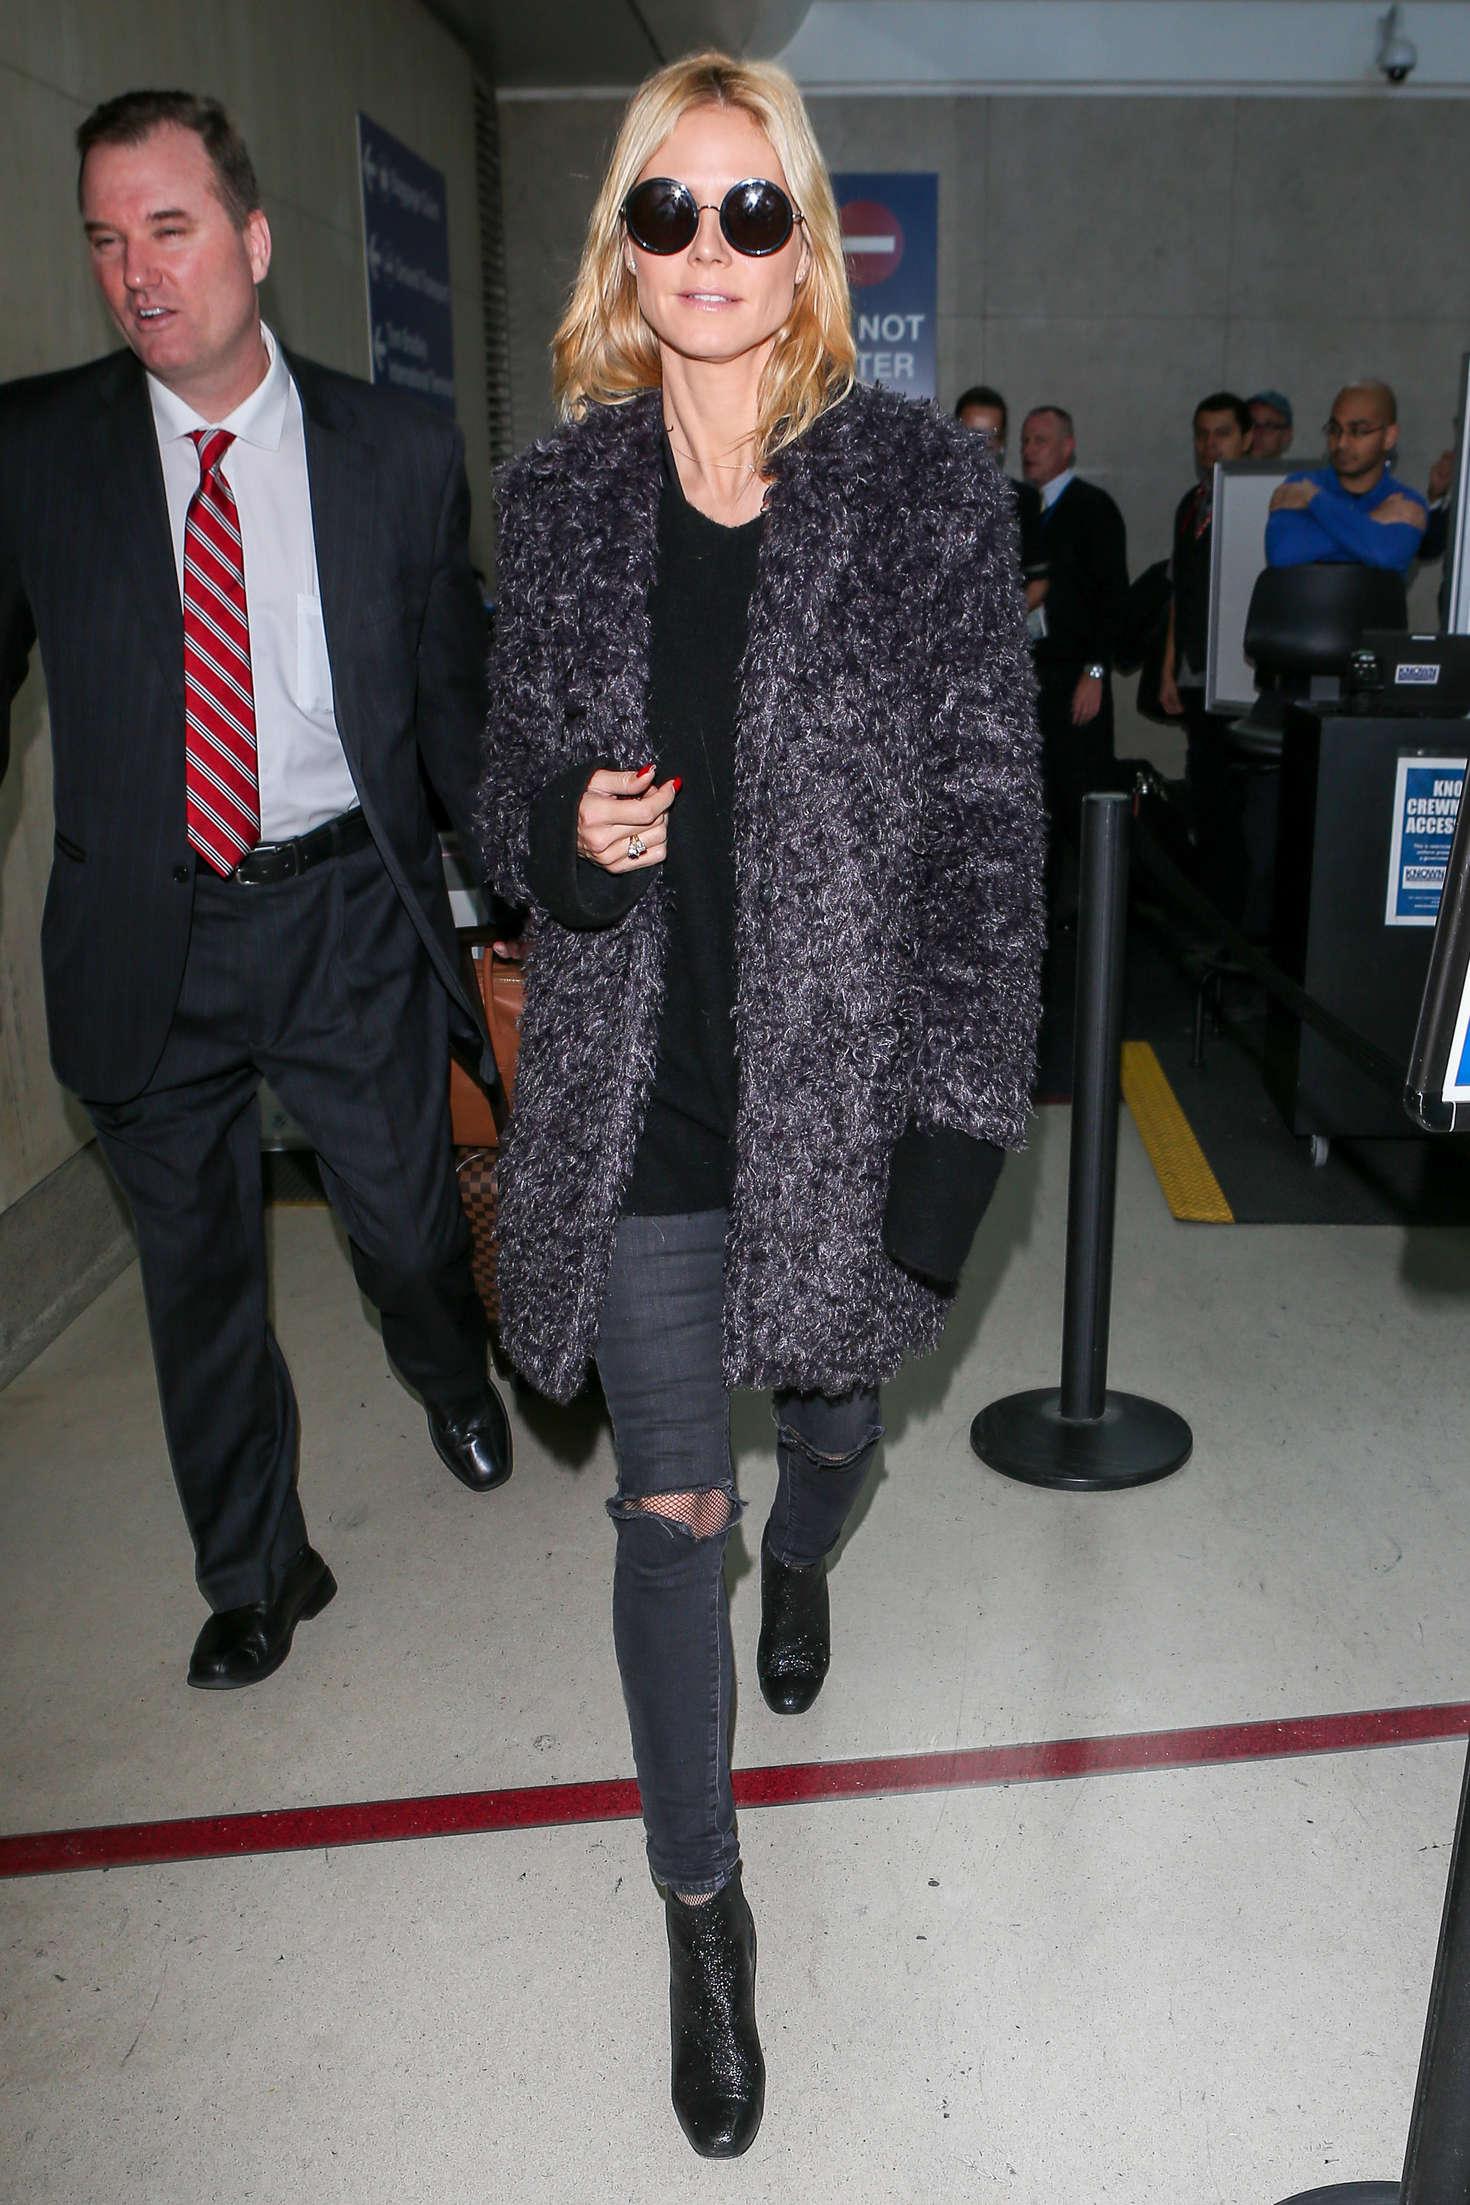 Heidi Klum 2015 : Heidi Klum: Arrives at LAX Airport -12